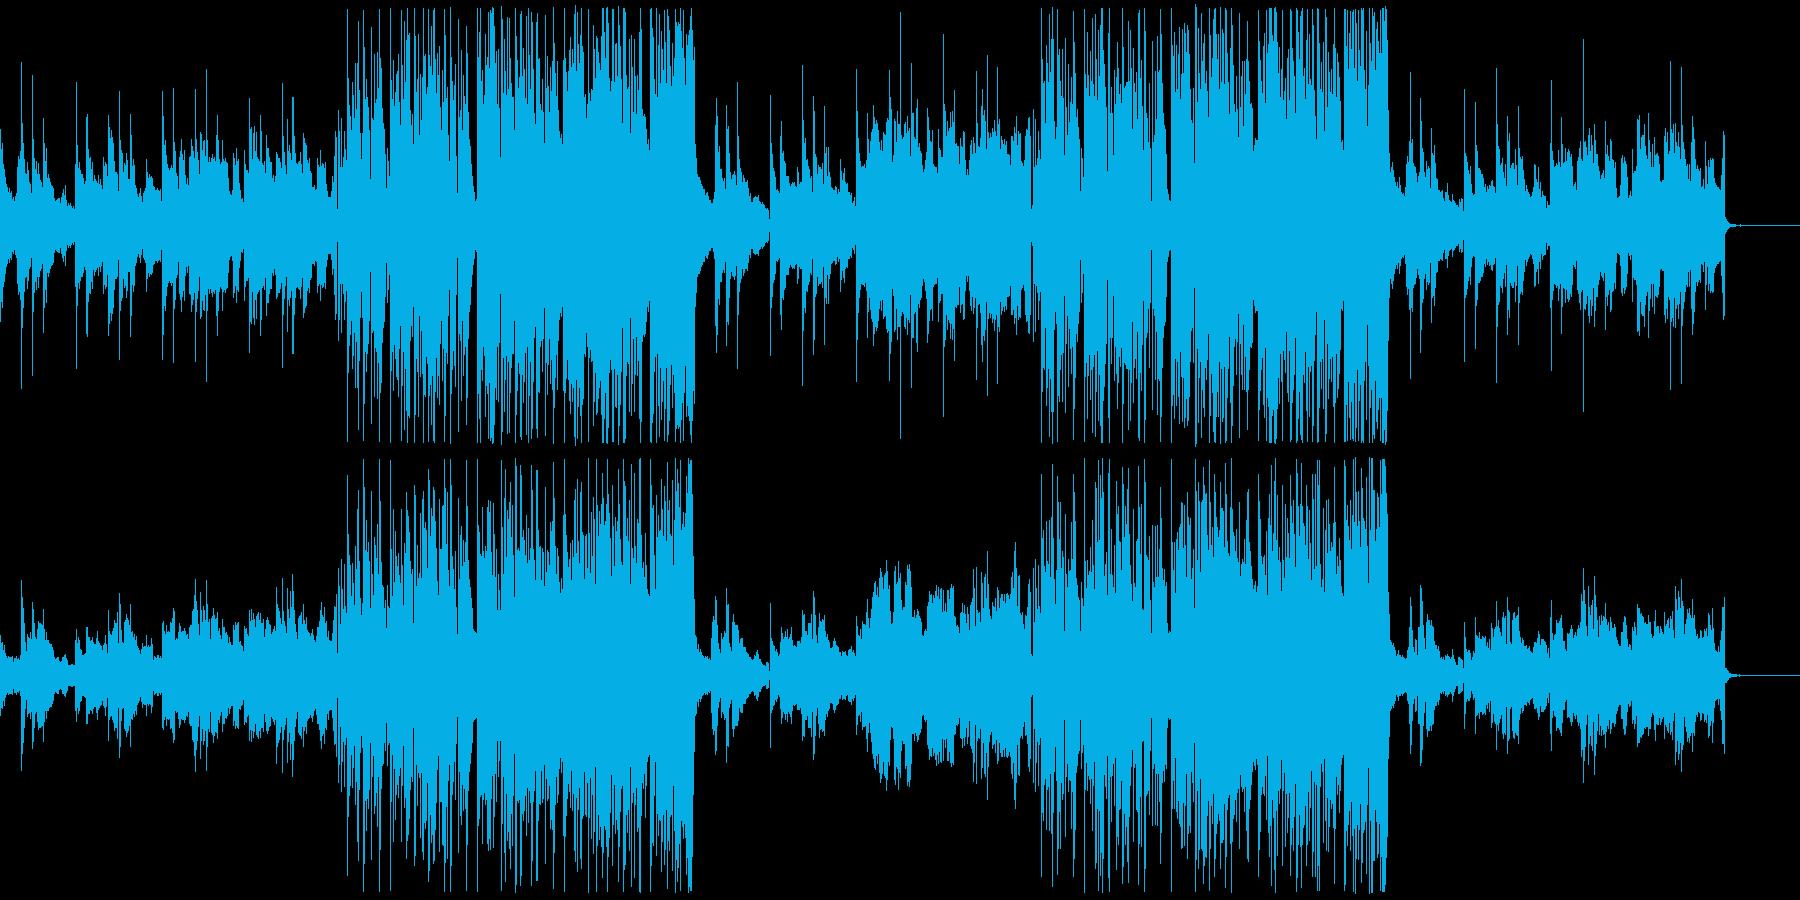 モダンでスタイリッシュなエレクトロBGMの再生済みの波形